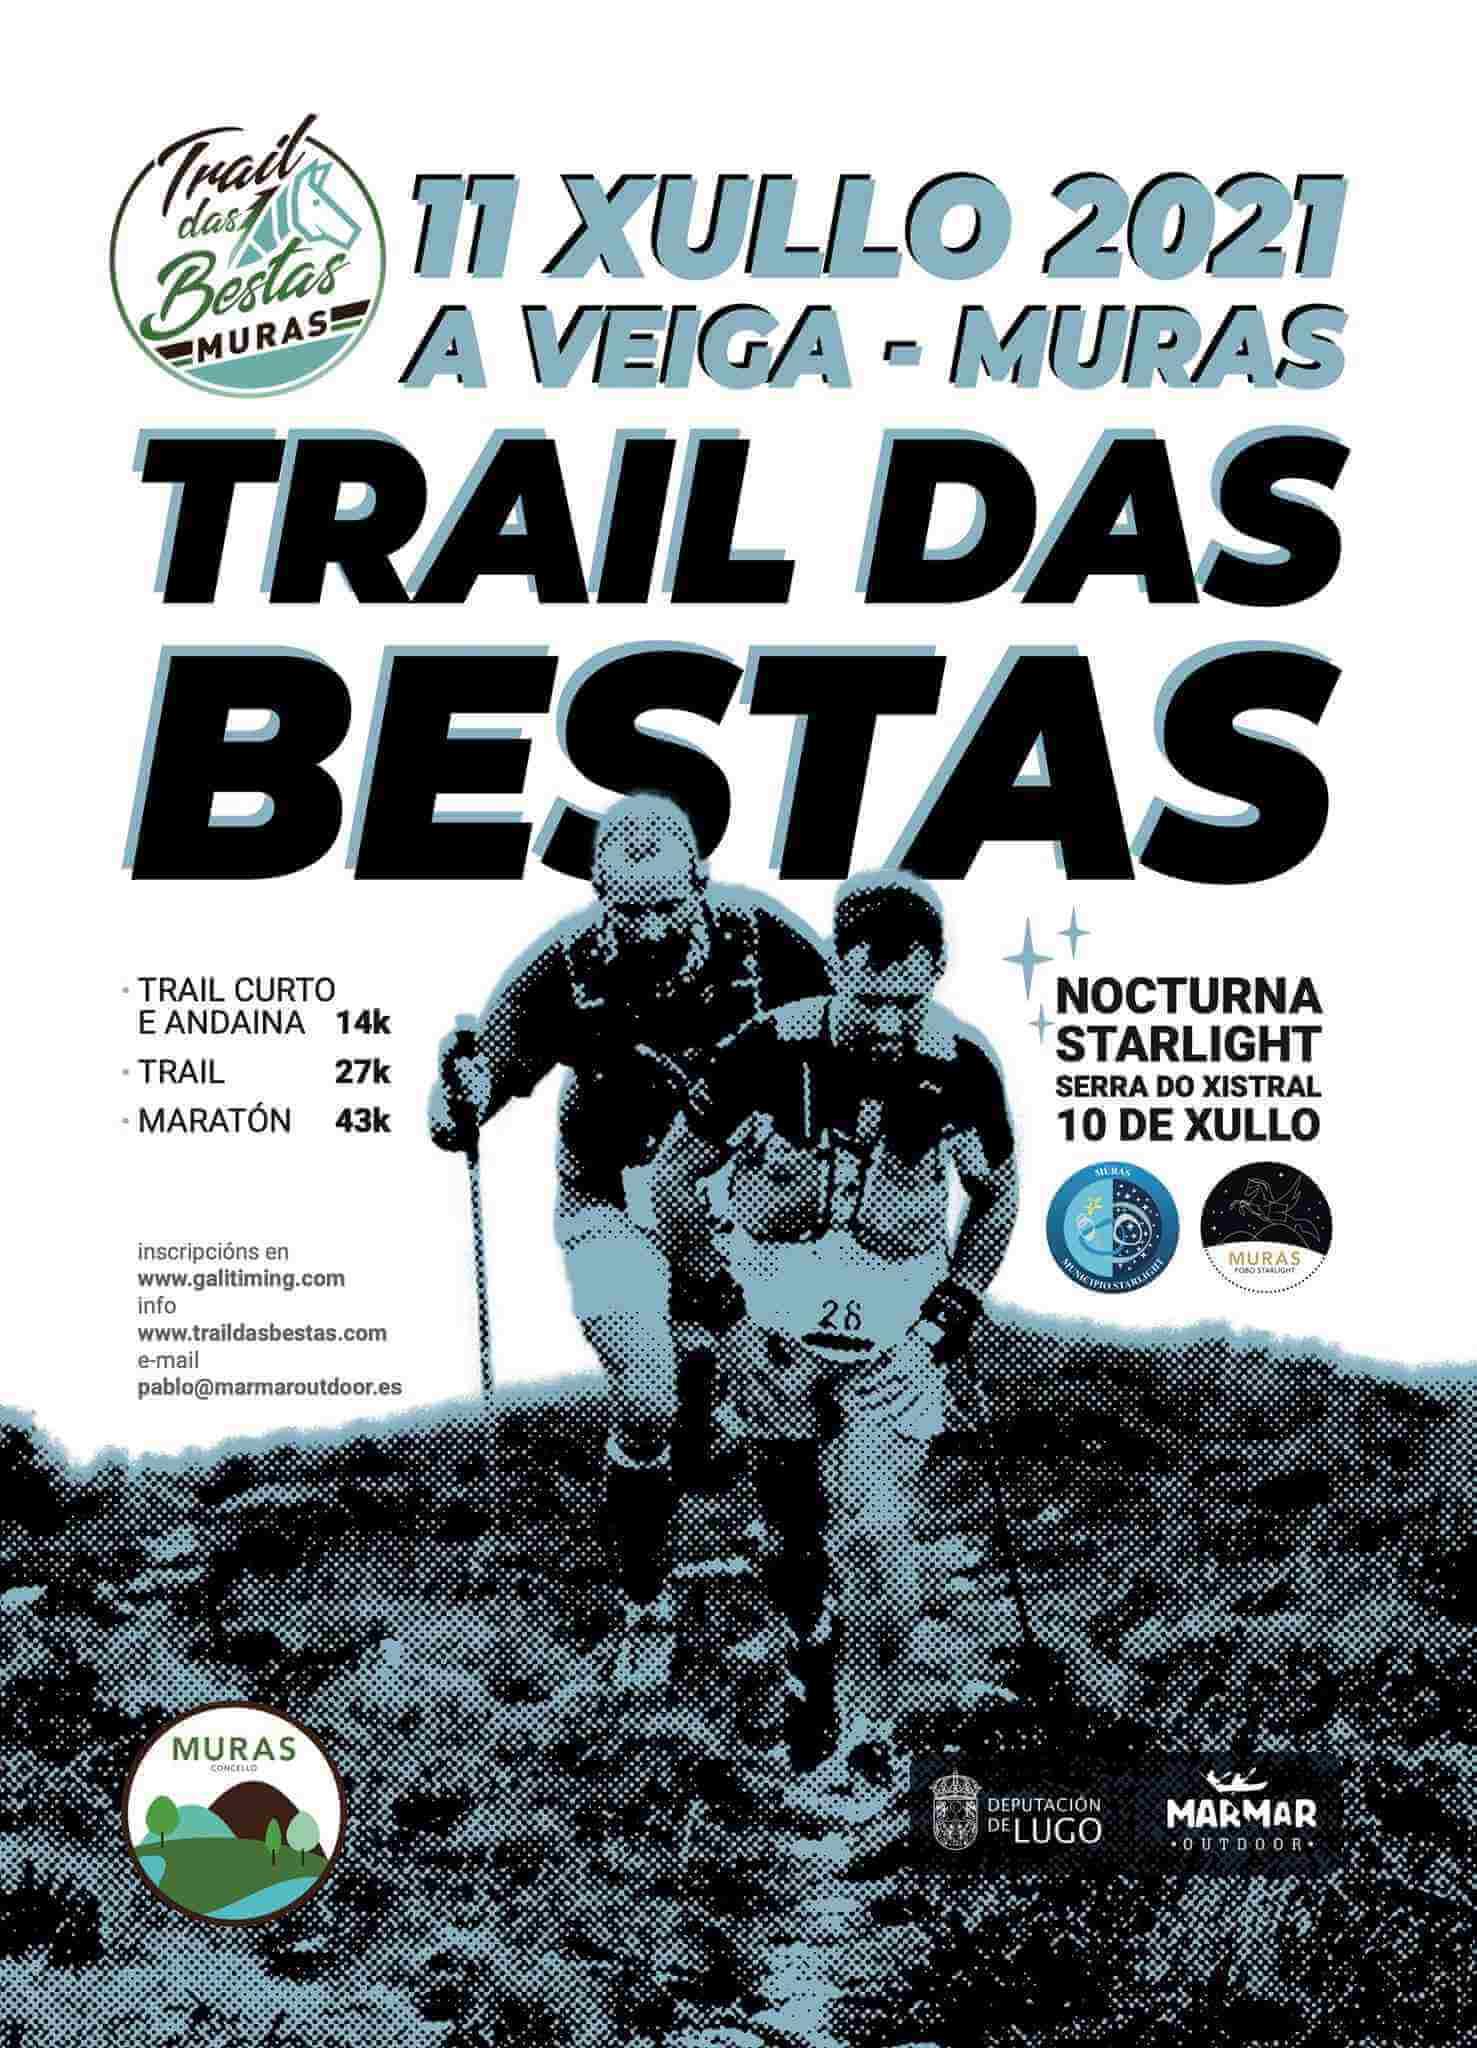 IV Trail das Bestas